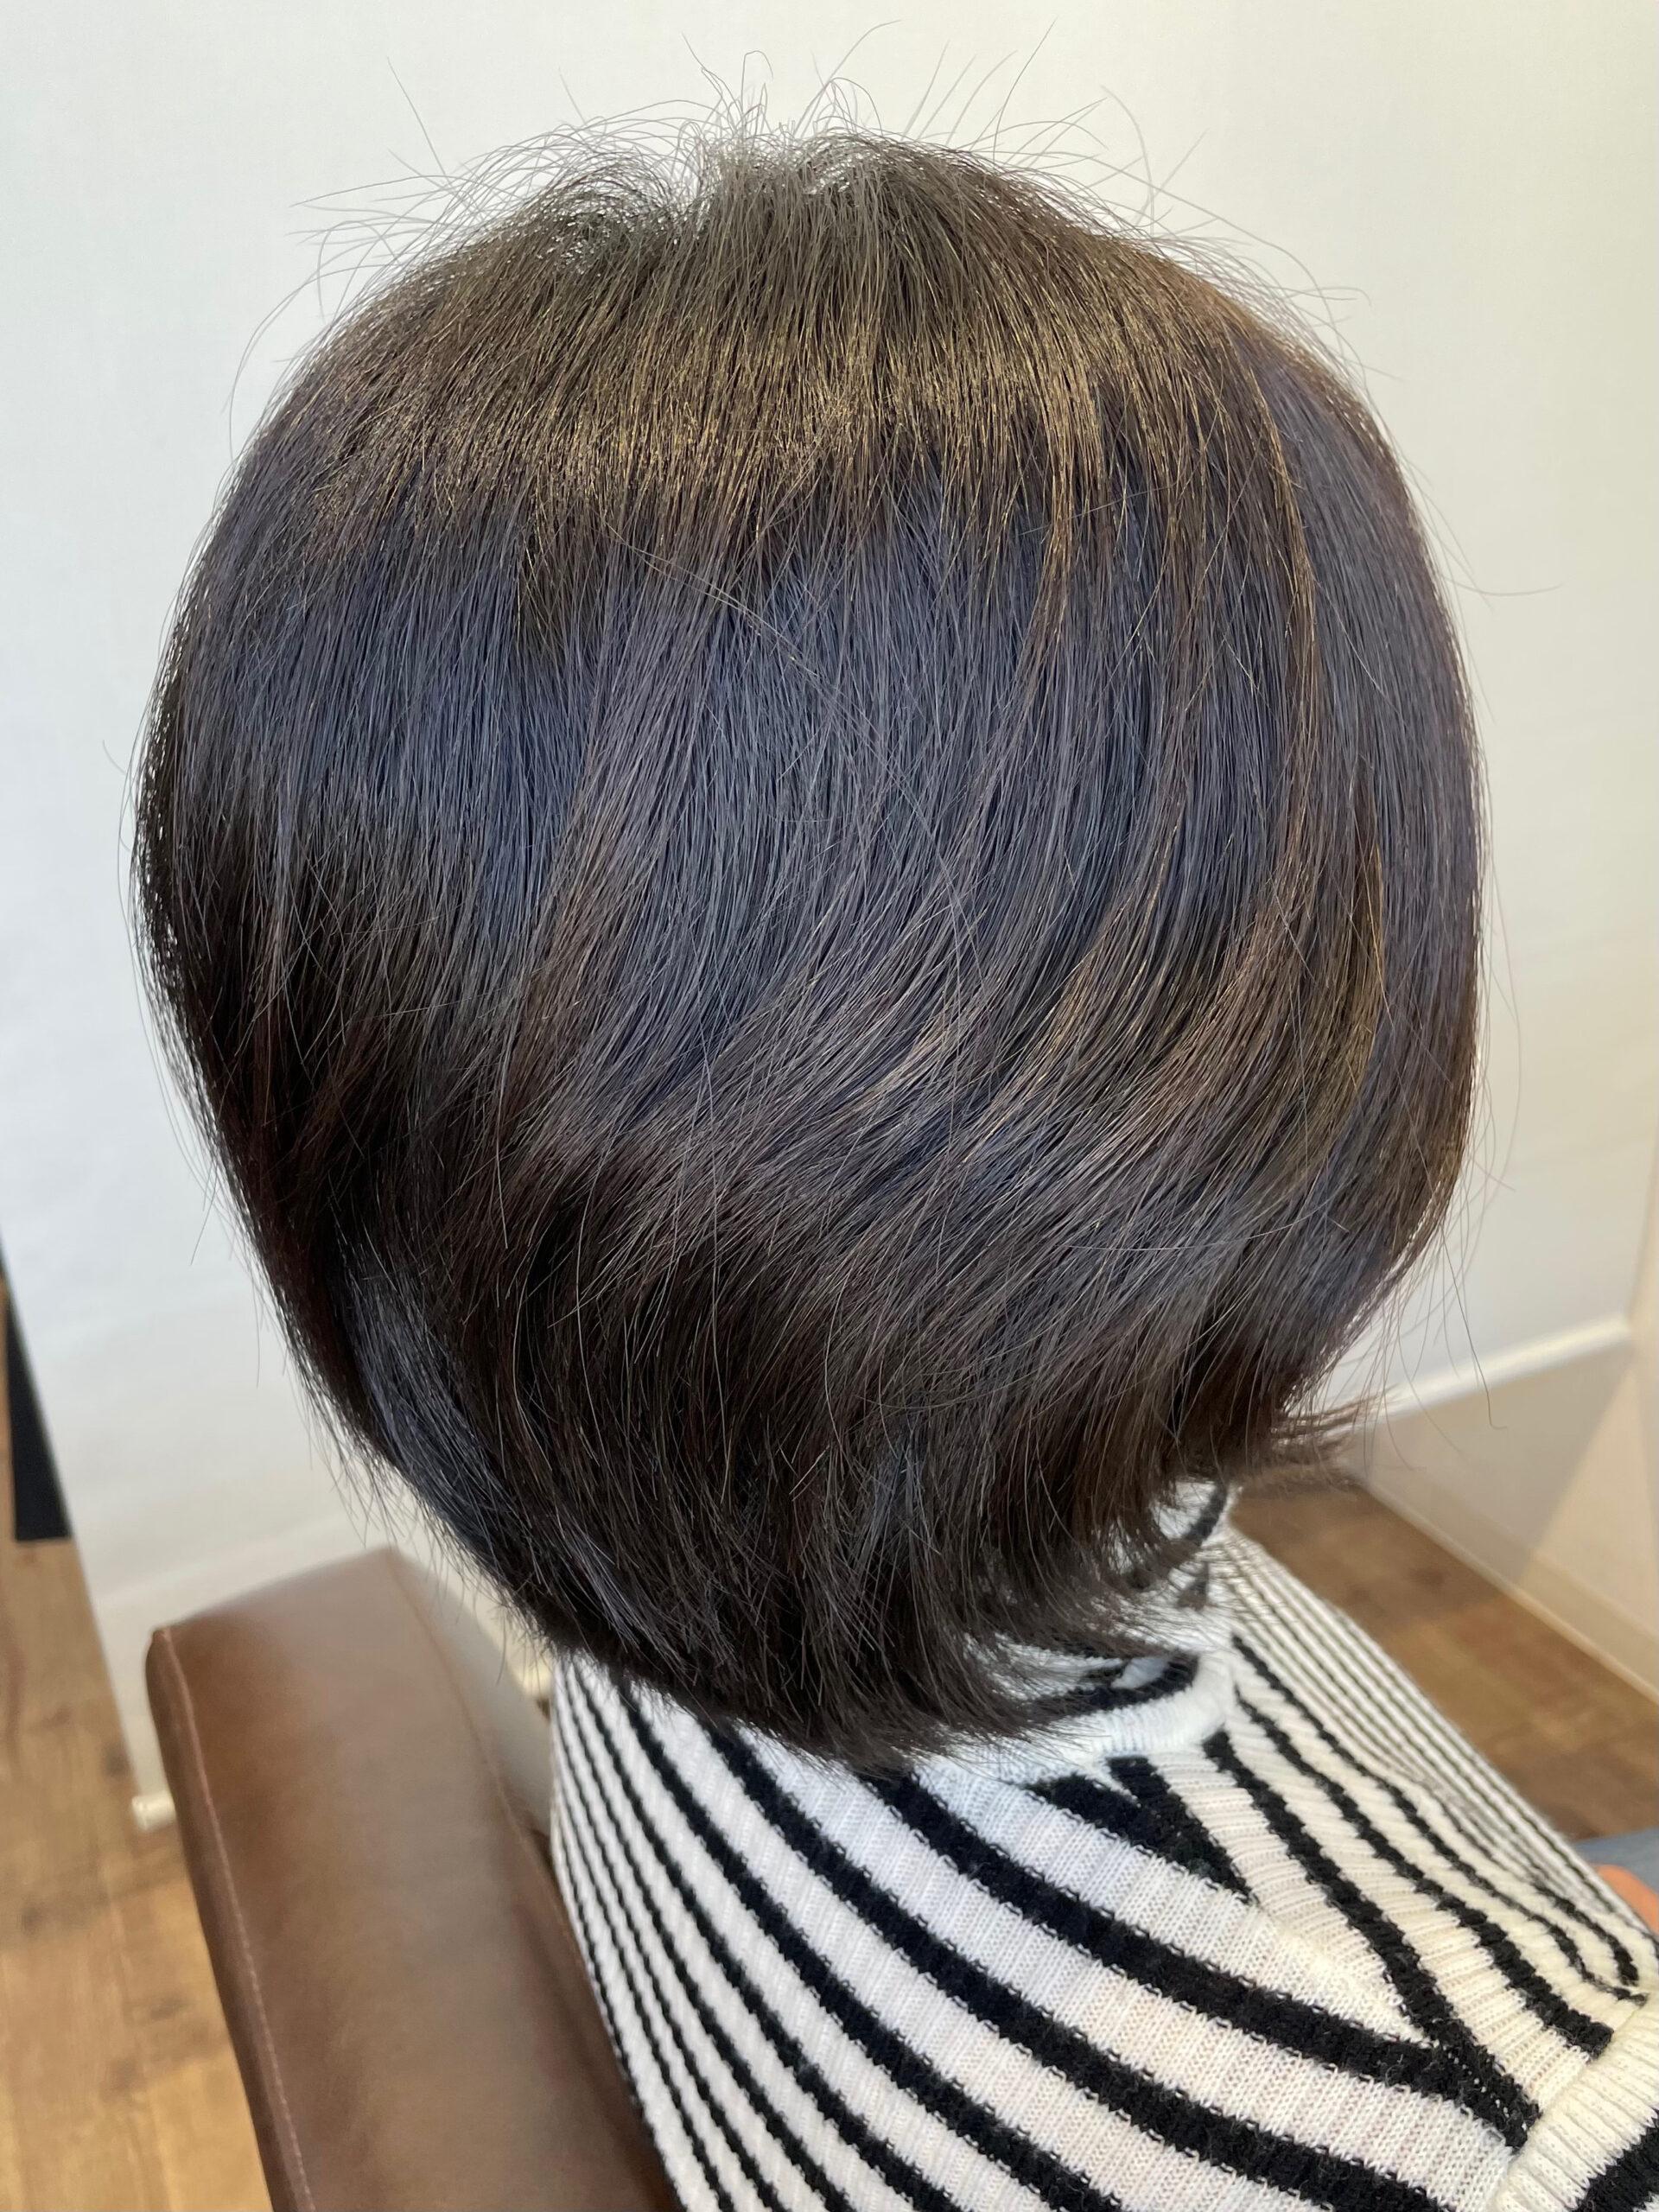 大分県別府市 癖でボリュームが出る髪の毛を弱酸性の縮毛矯正(ストレート)でボリュームダウン ビフォー